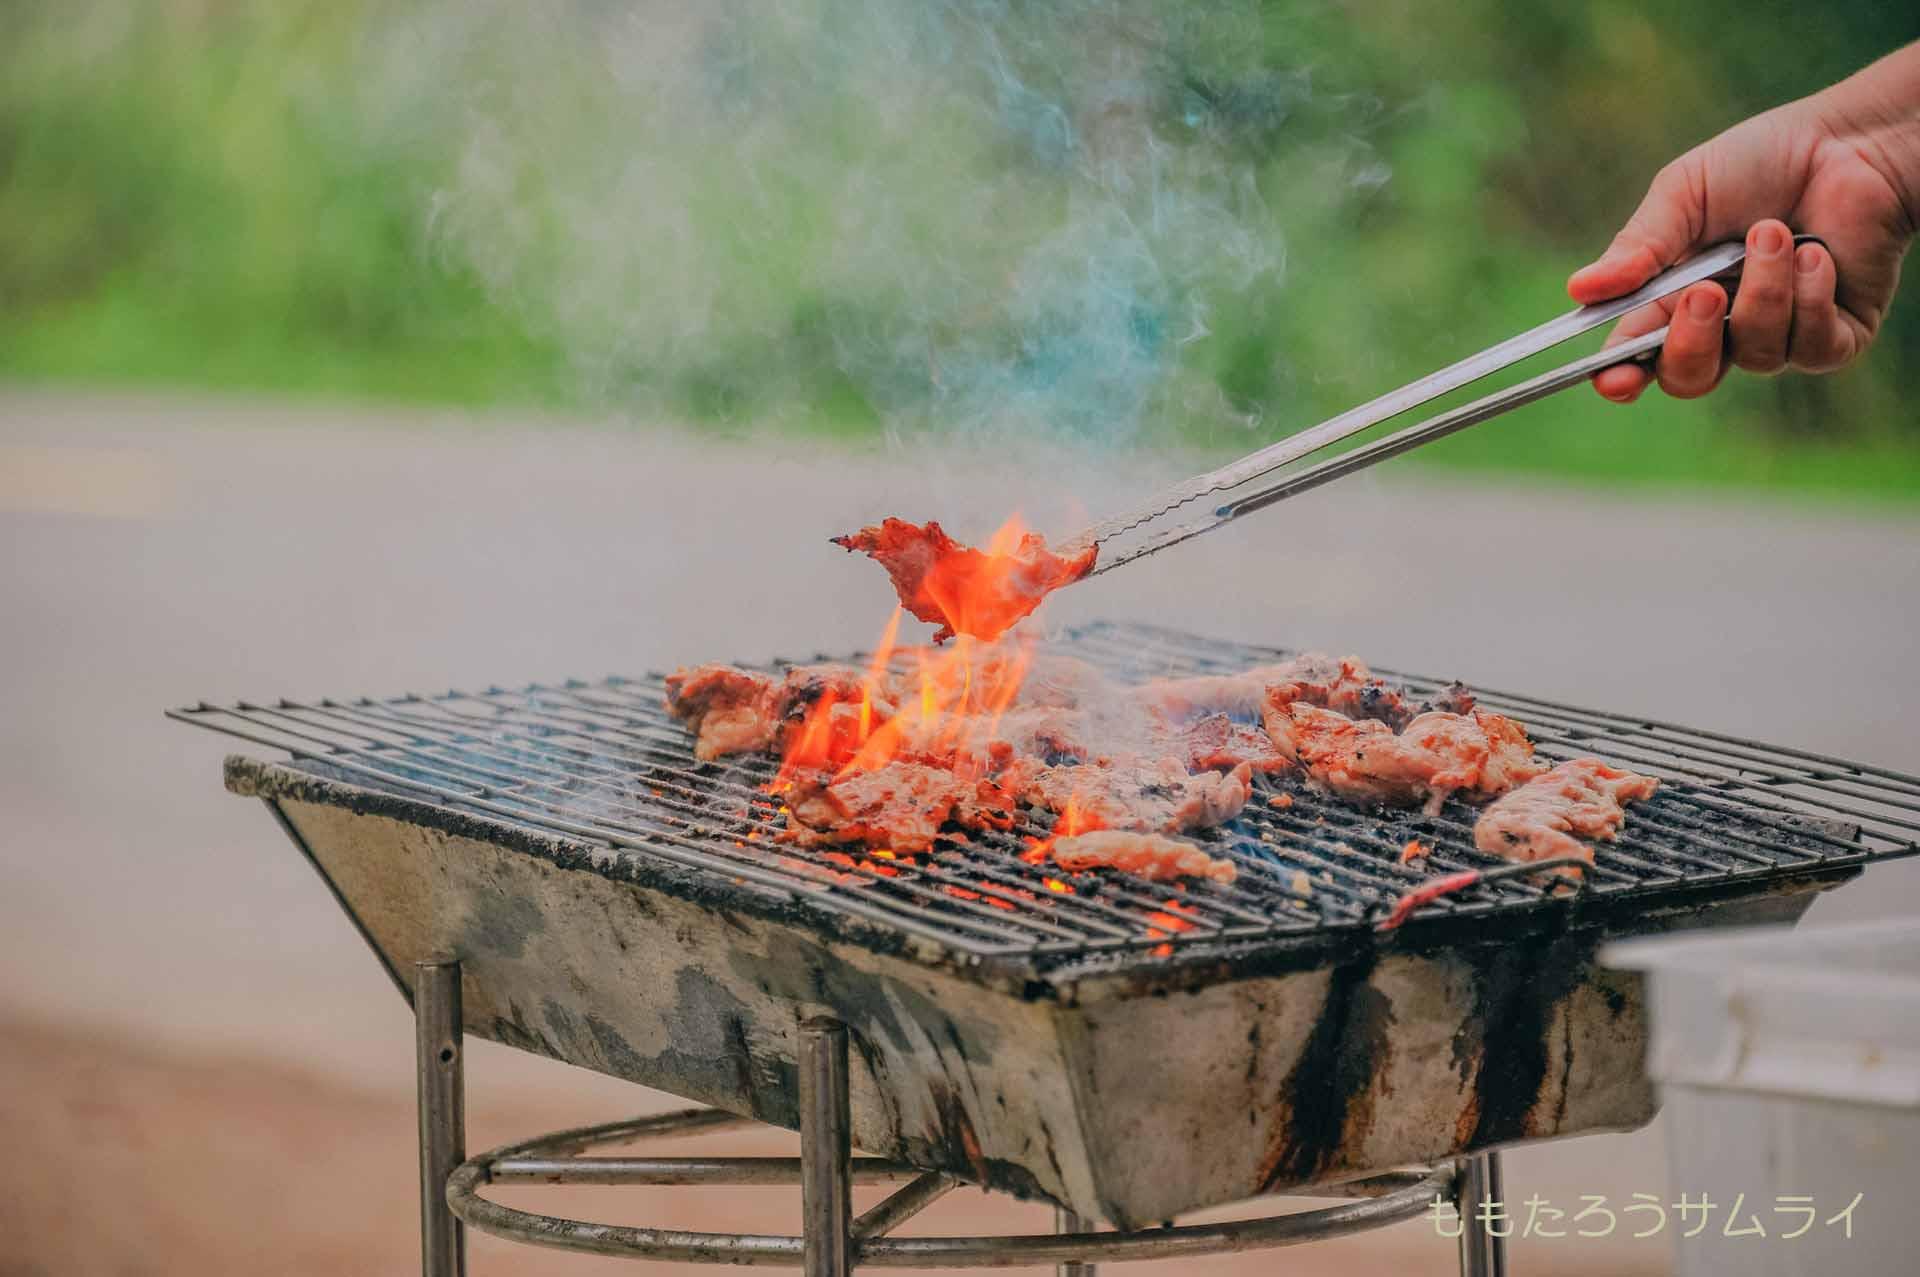 外でコンロを使い肉を焼いている画像